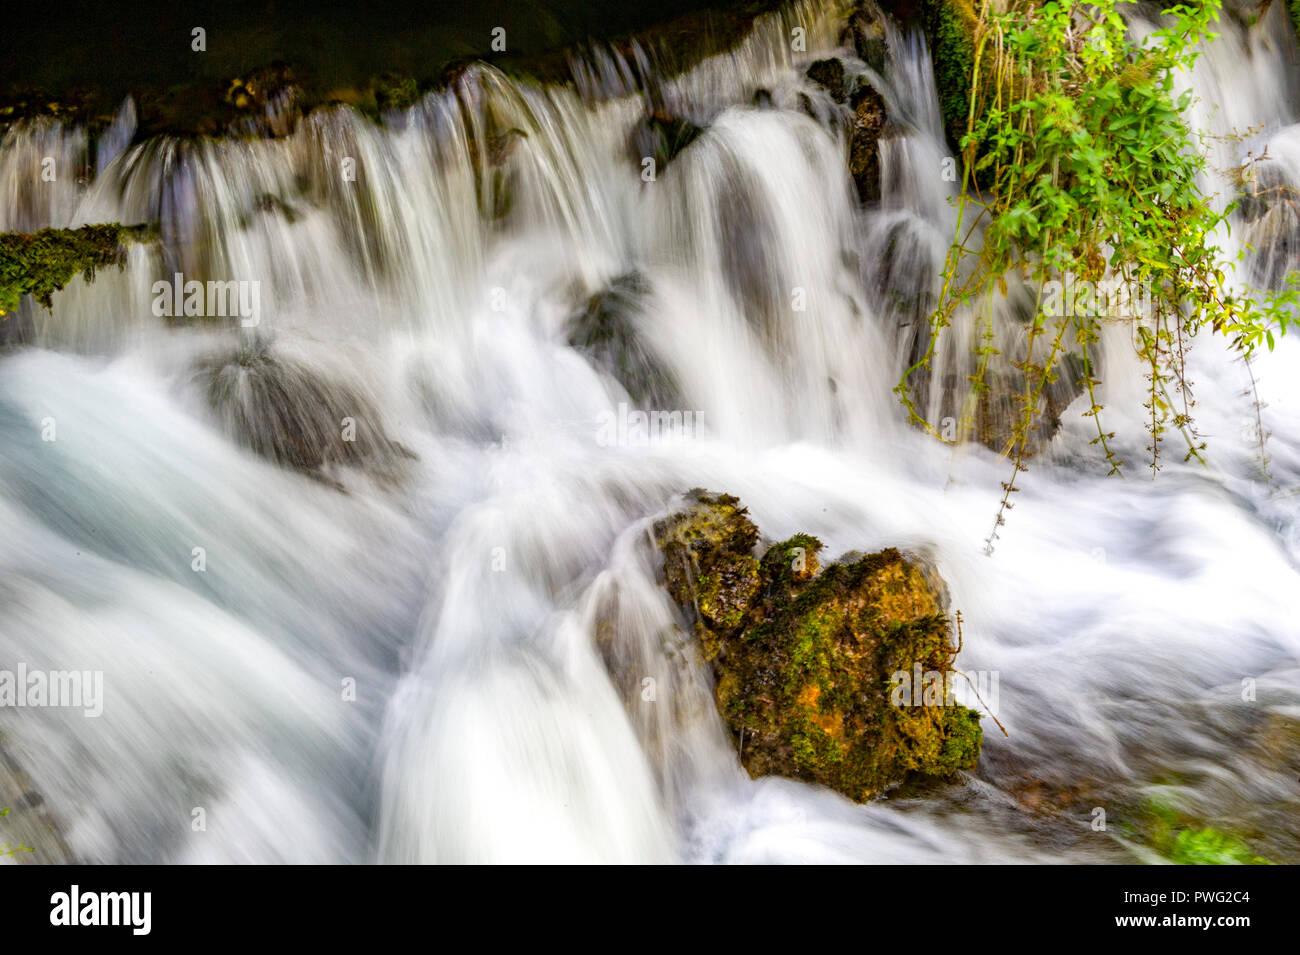 France. Vaucluse (84). Fontaine de Vaucluse. Source of the Sorgue. Exsurgence largest metropolitan France - Stock Image